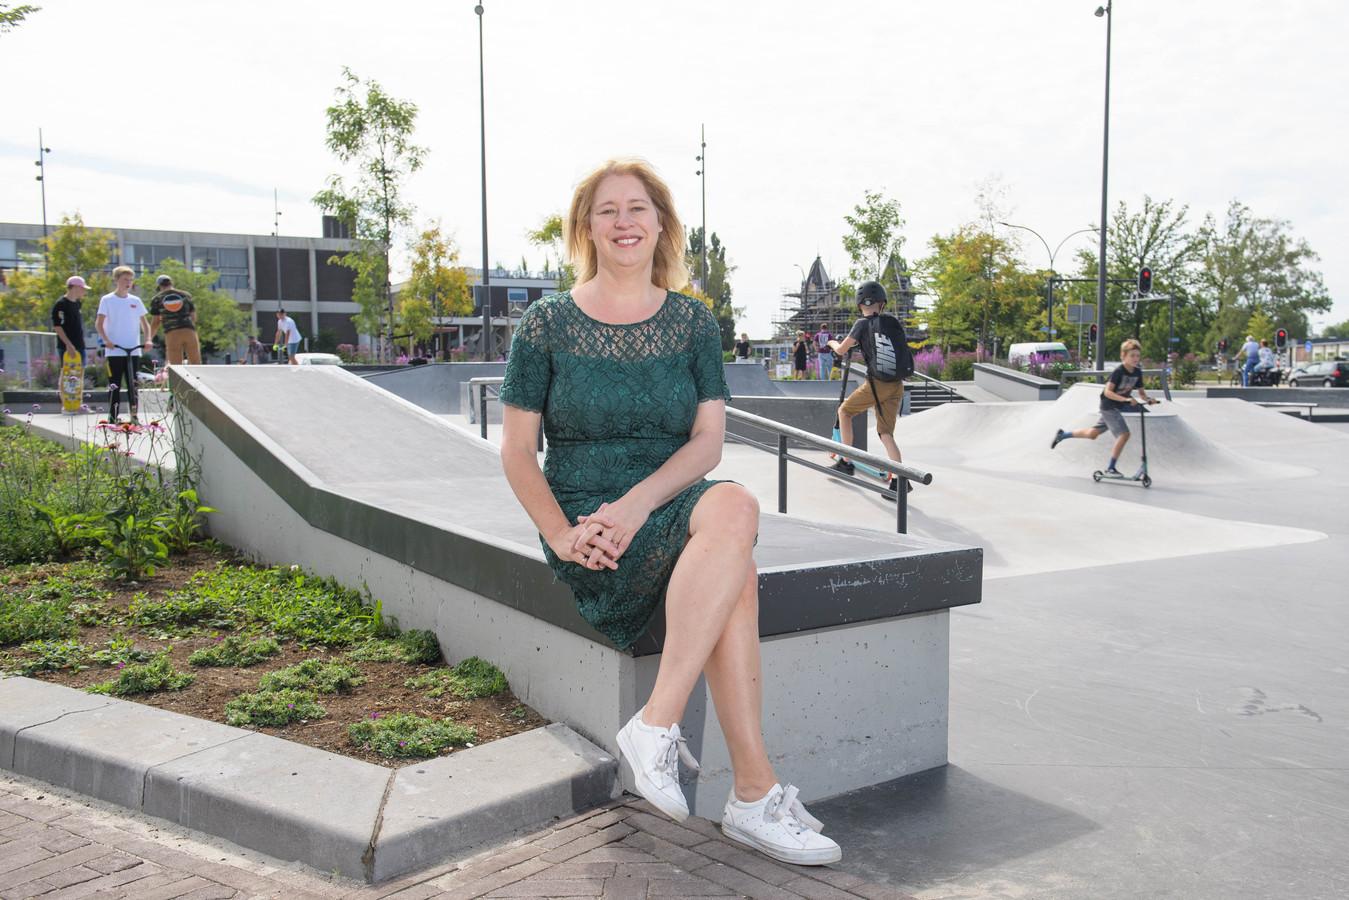 """Wethouder Mariska ten Heuw, bij de skatebaan achter het station, vlakbij de plek waar straks 60 woningen worden gebouwd: """"Dit is als het ware hét startschot voor de deelgebieden die volgen."""""""